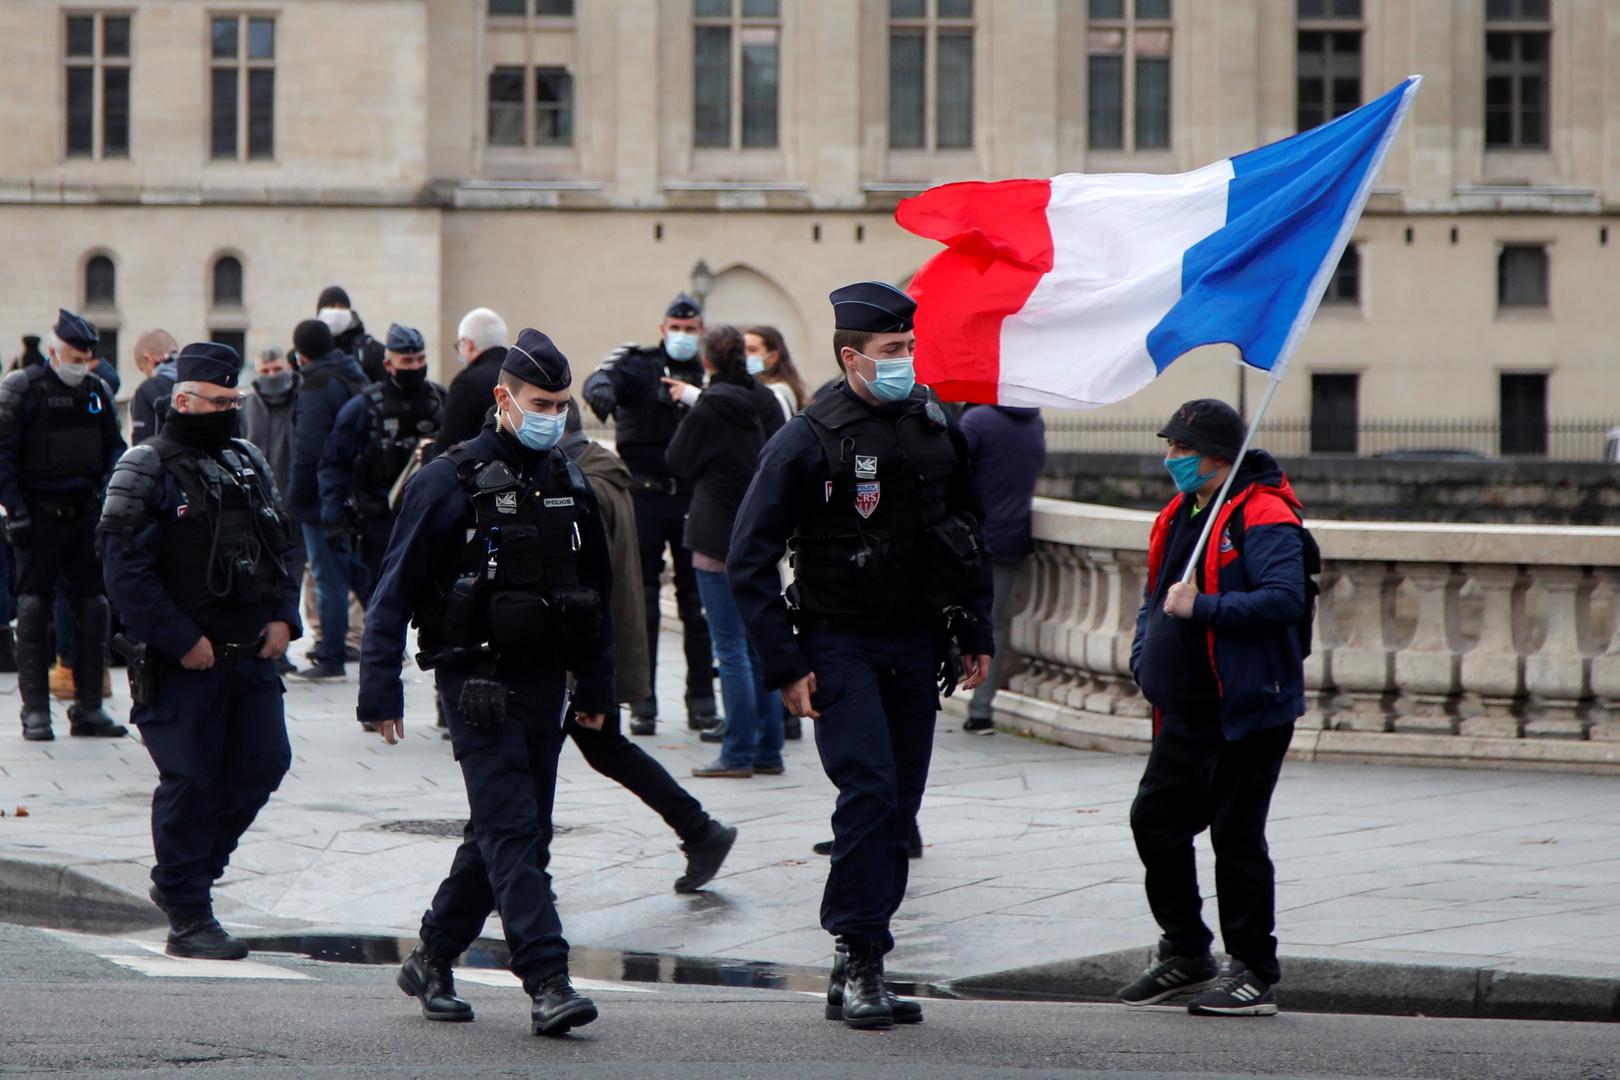 استطلاع: 58% من الفرنسيين يؤيدون رسالة العسكريين المتقاعدين